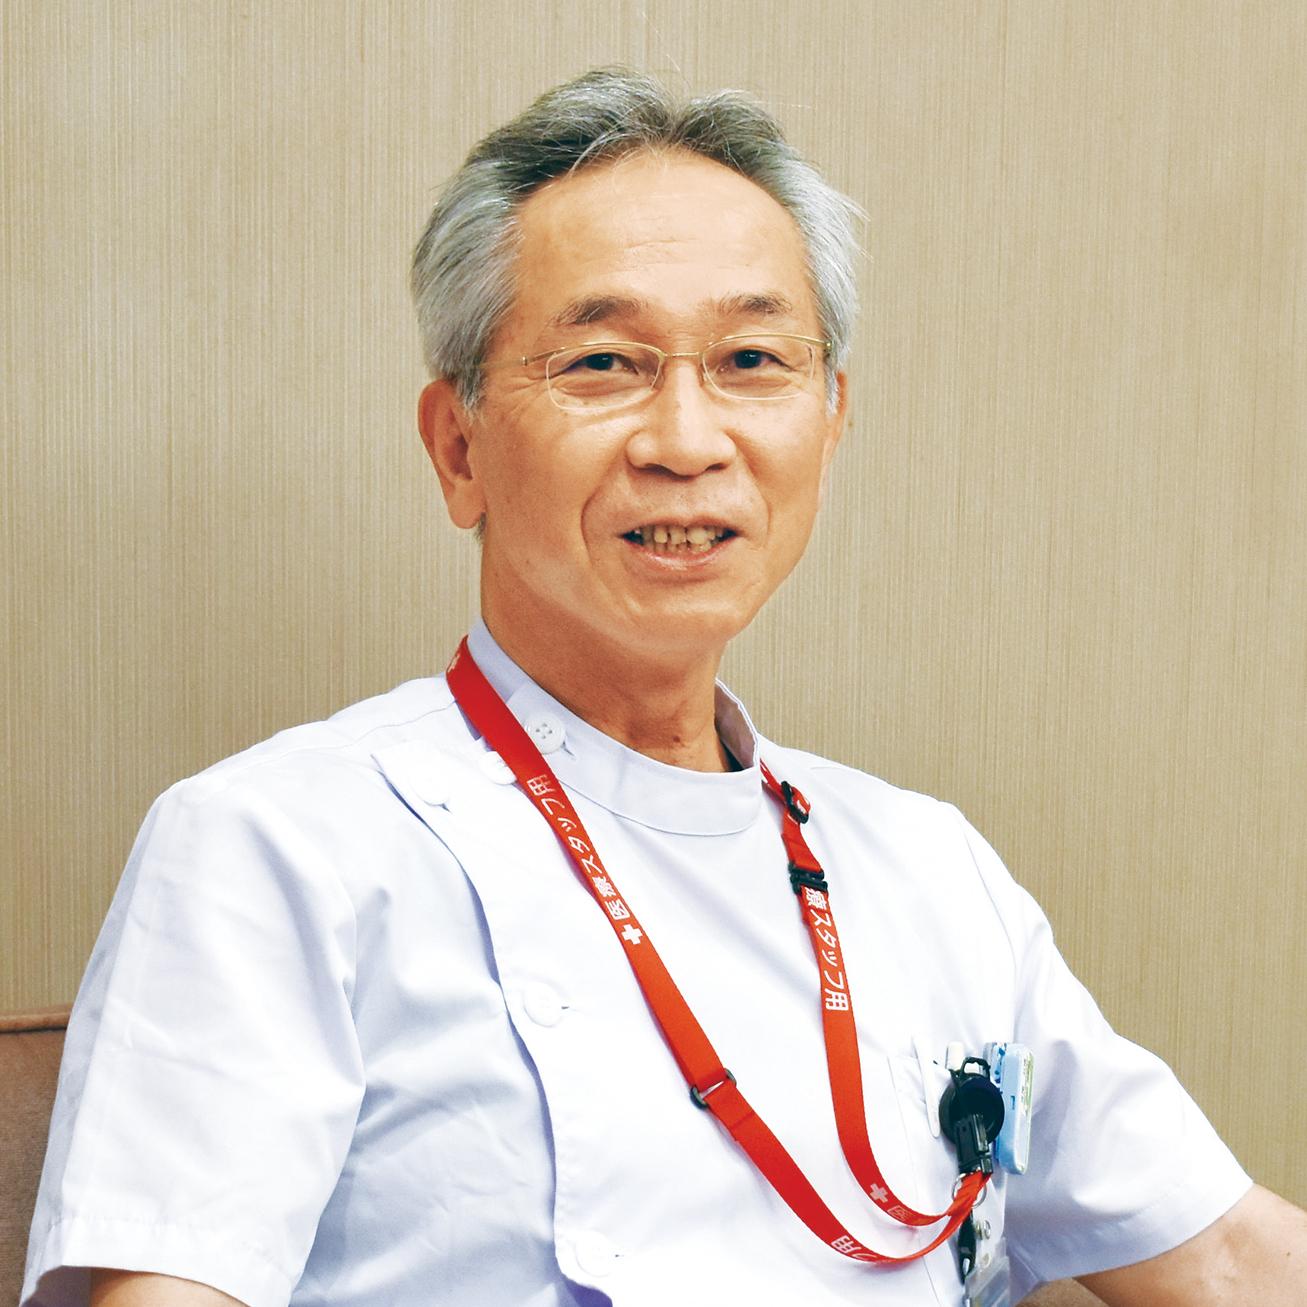 多様な施策を展開 宮崎県北の医療を支える